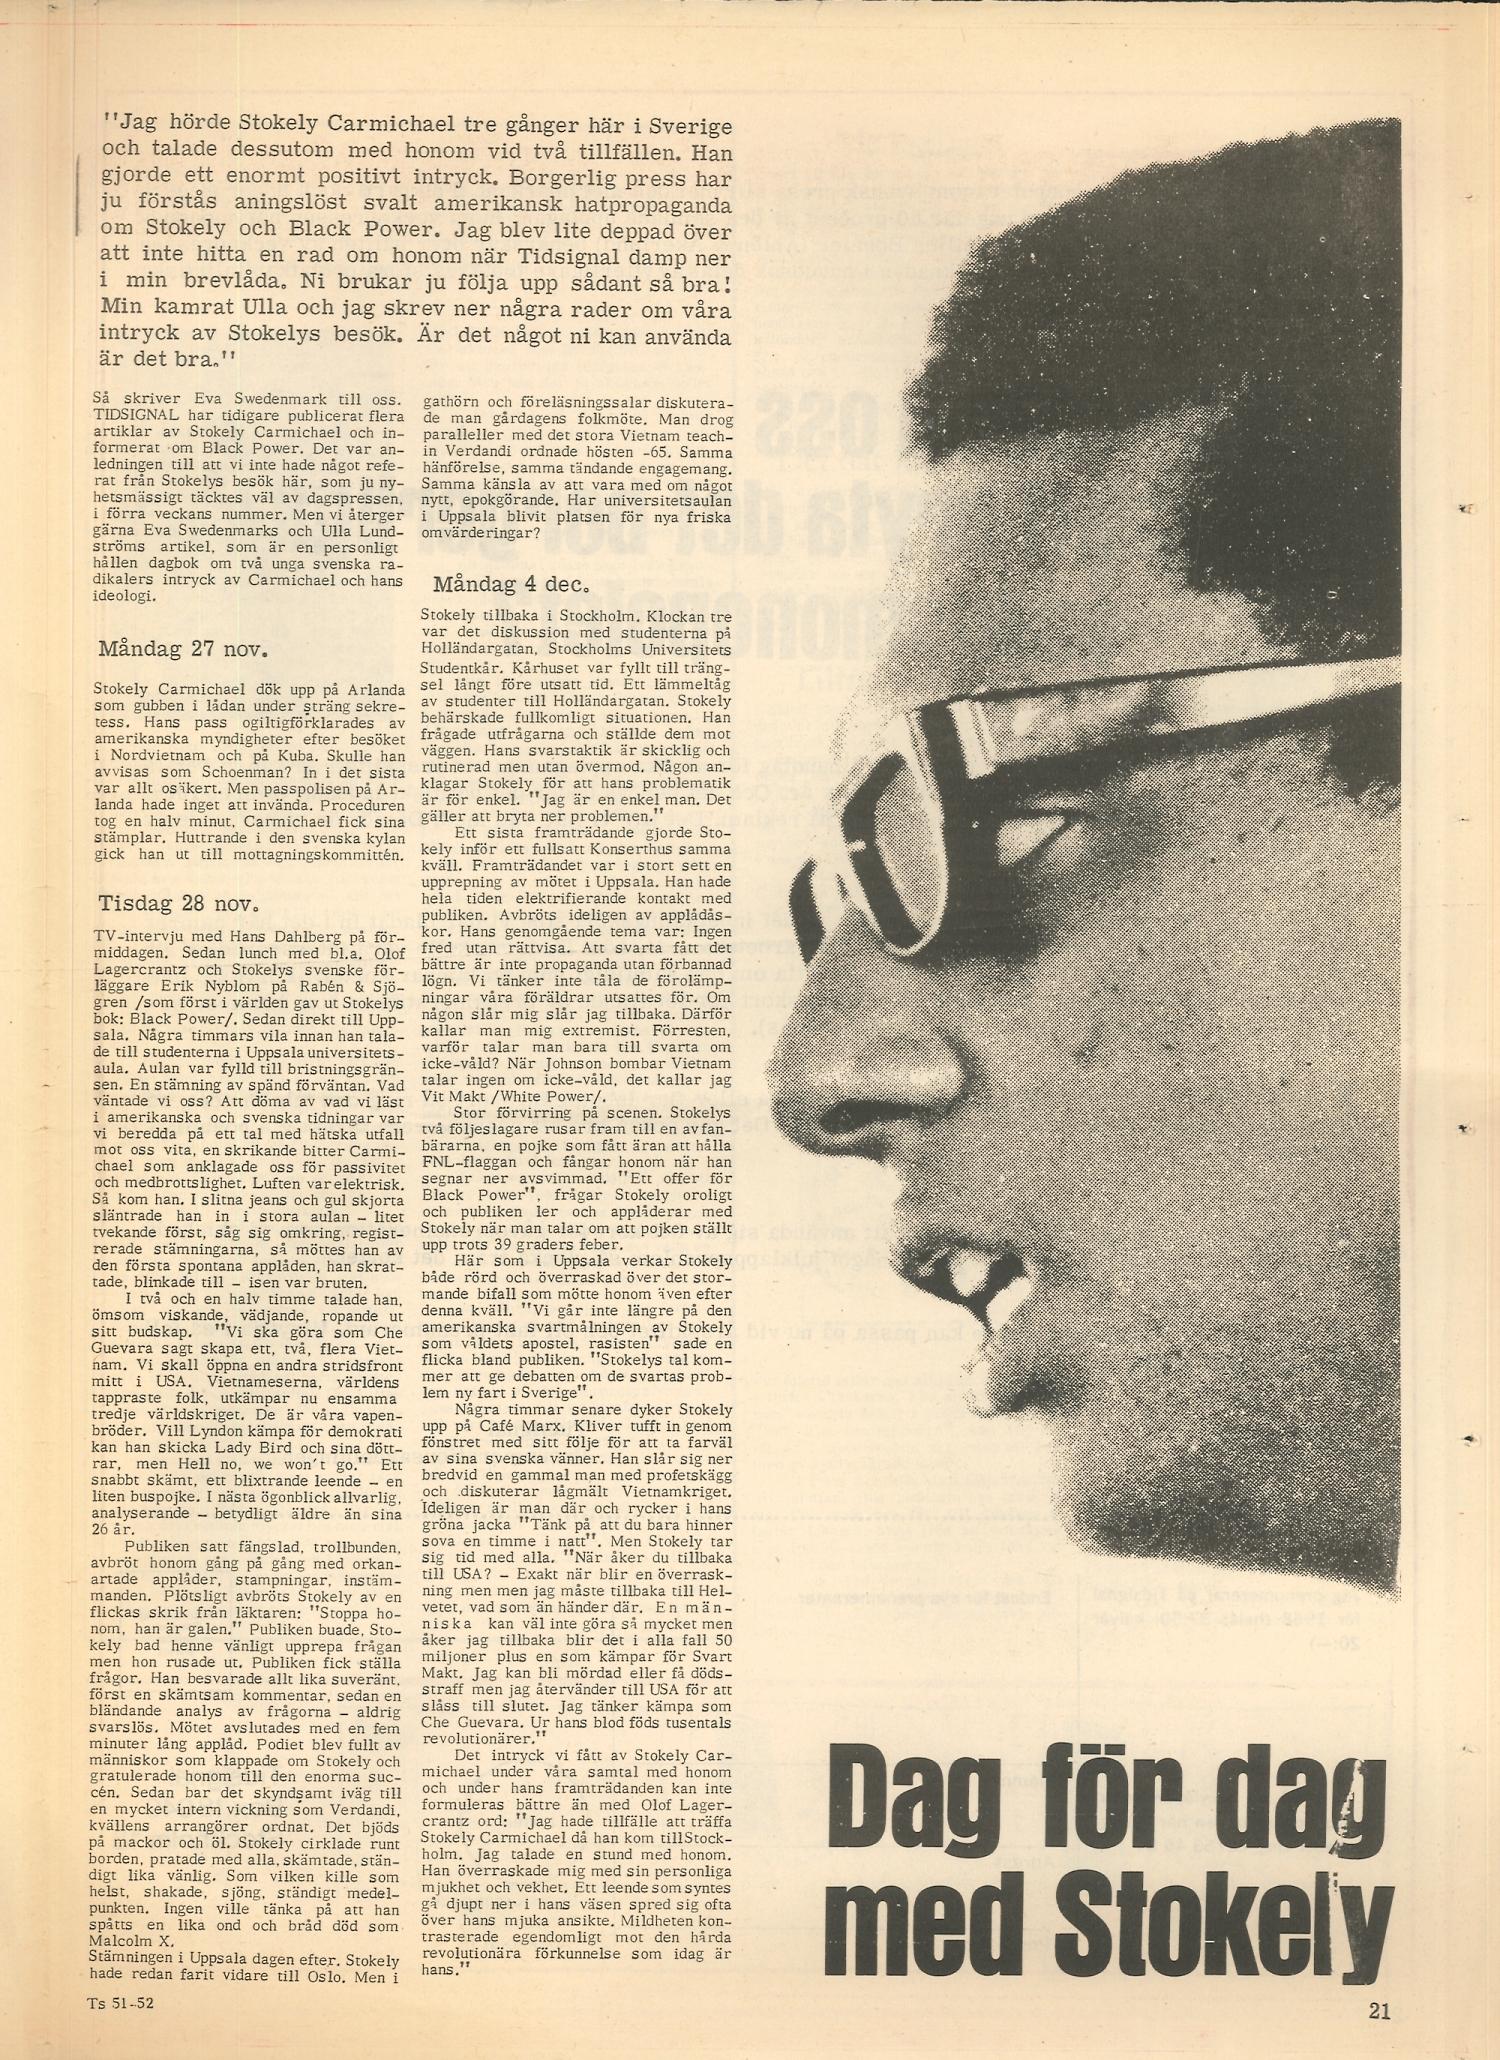 """Artikel: Swedenmark, """"Dag för dag med Stokely"""", i Tidsignal, 1967:51/52, s. 21"""